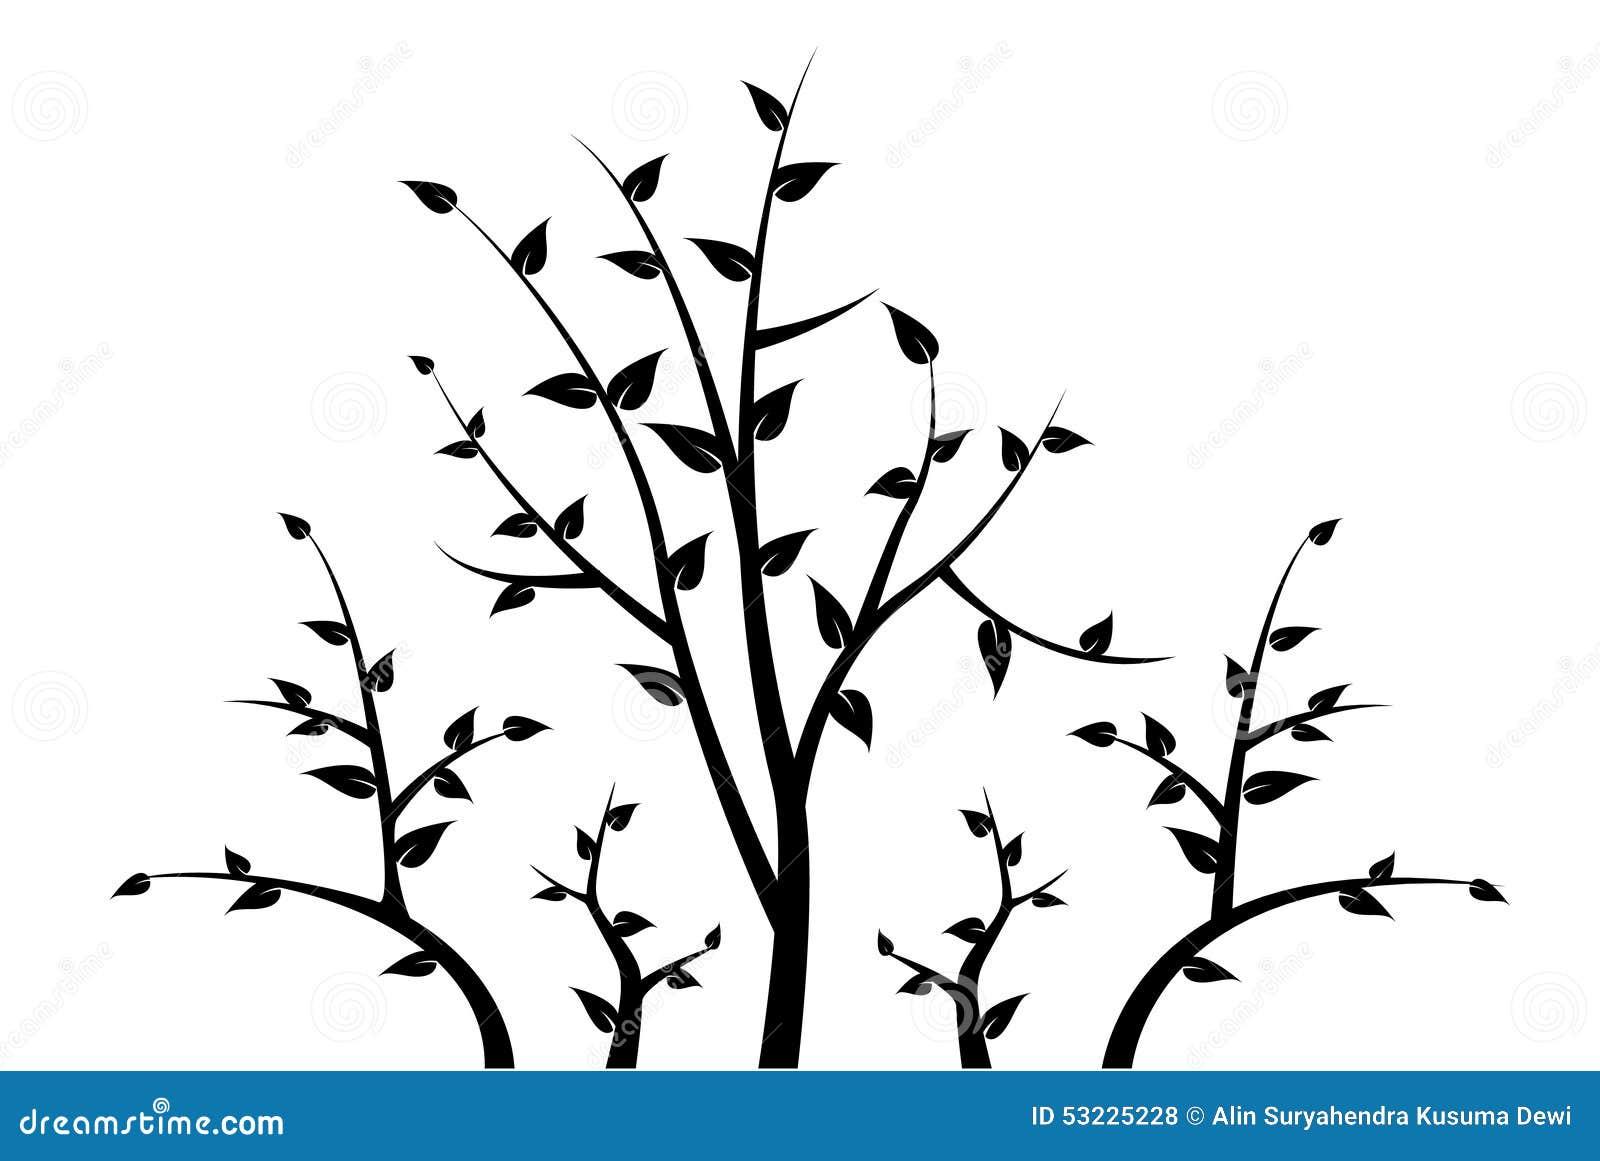 silhouette de branche d 39 arbre pour votre d coration illustration de vecteur image 53225228. Black Bedroom Furniture Sets. Home Design Ideas